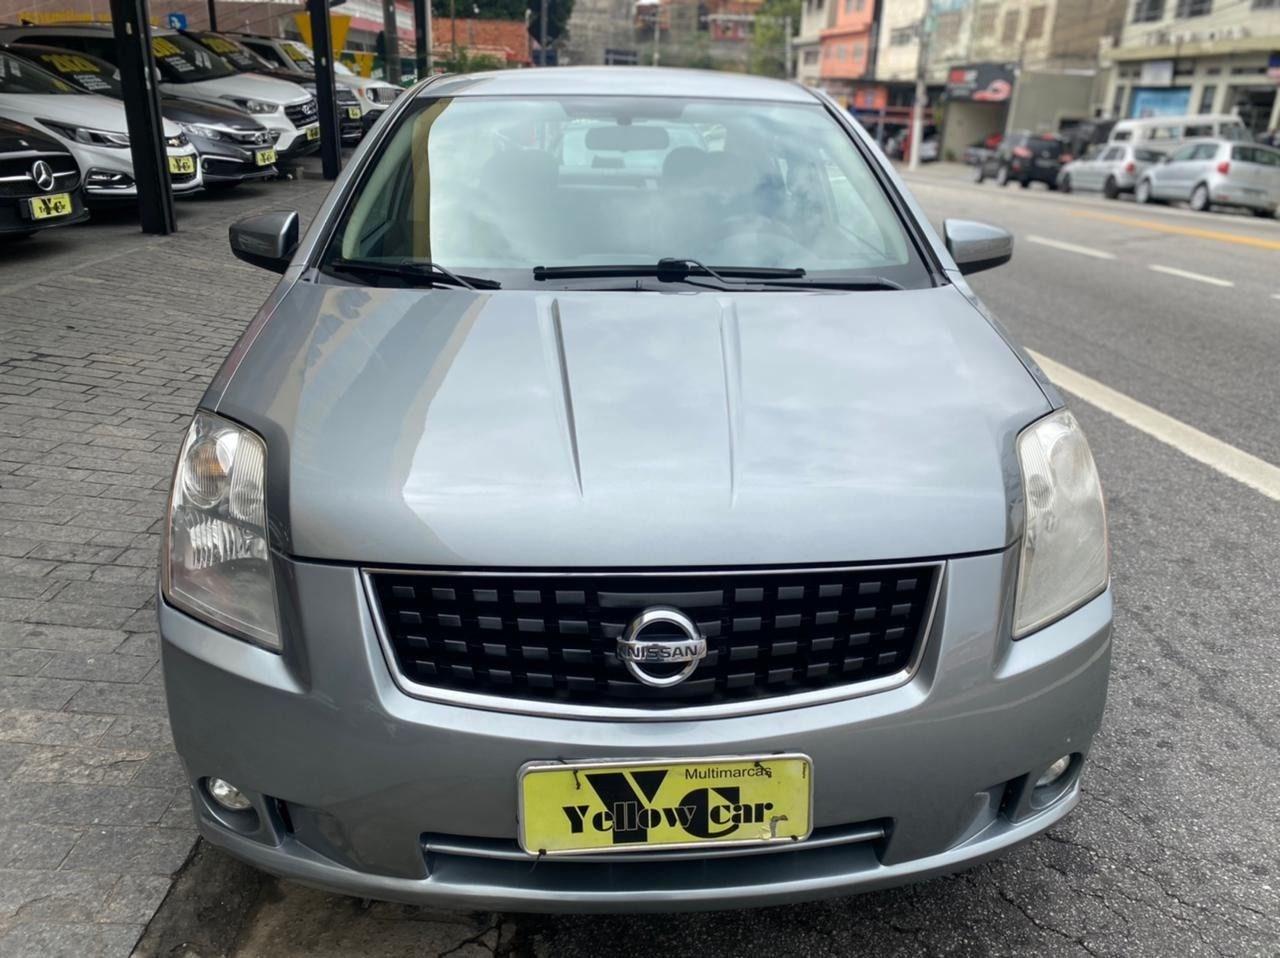 //www.autoline.com.br/carro/nissan/sentra-20-s-16v-gasolina-4p-cvt/2008/sao-paulo-sp/14901868